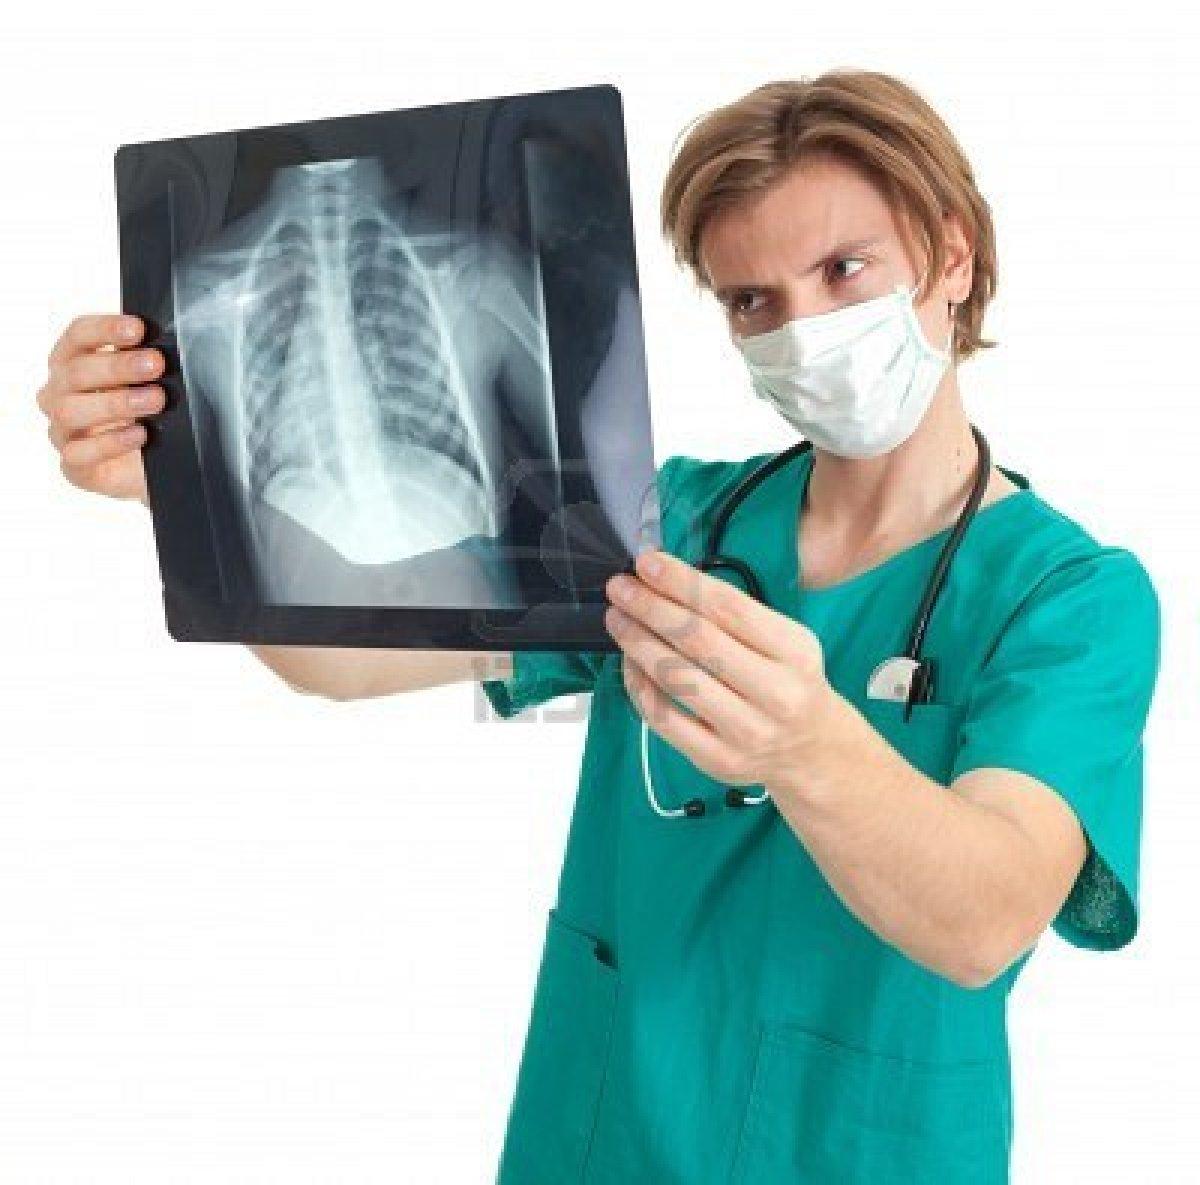 Как сделать рентген в домашних условиях видео